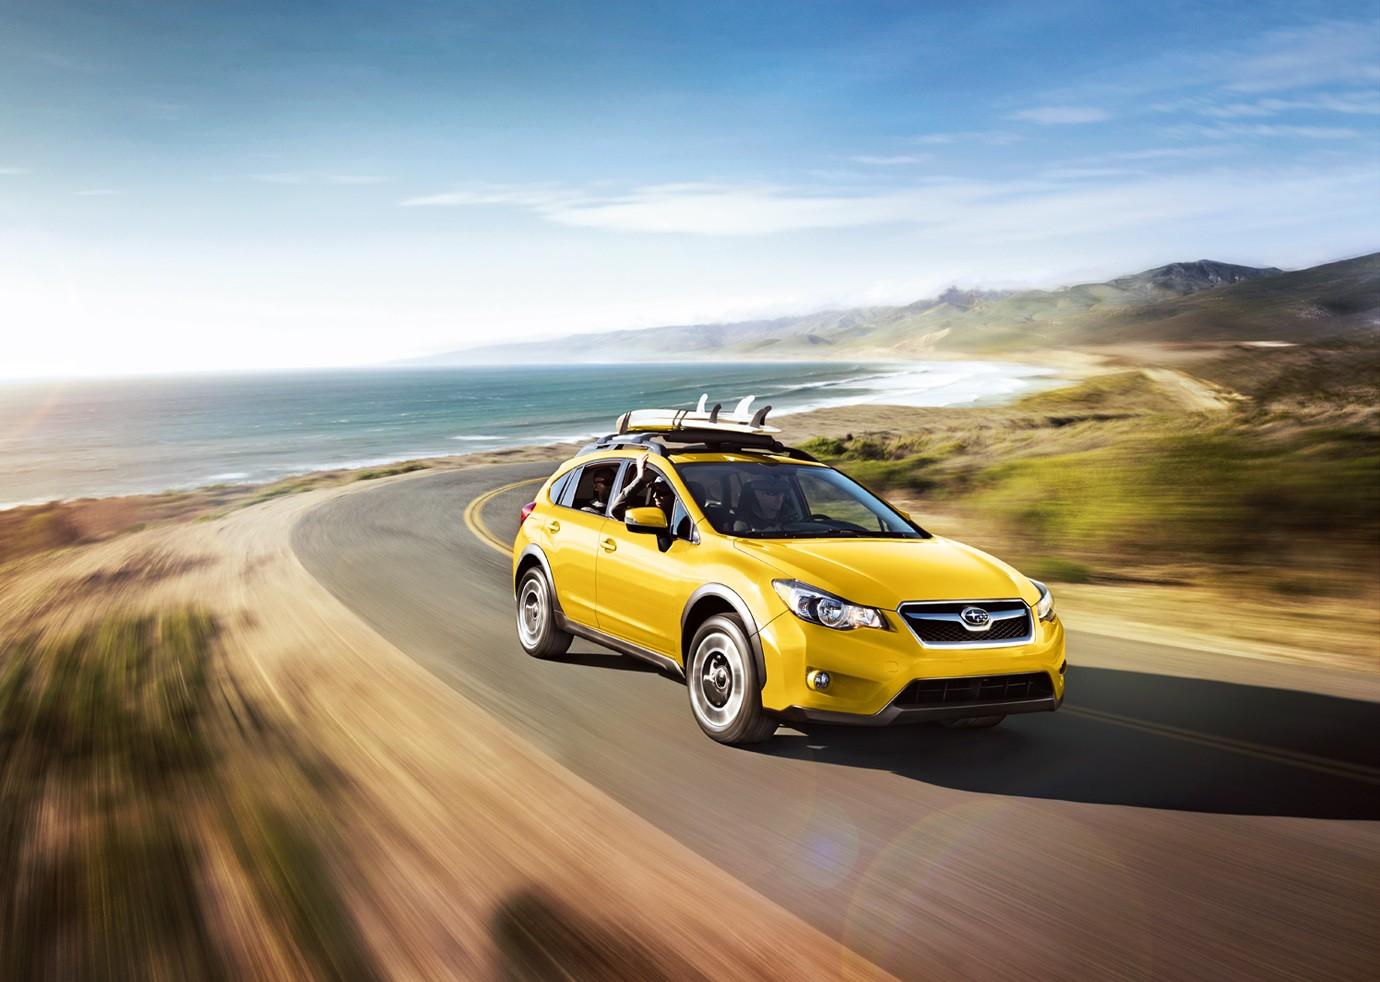 Subaru giới thiệu XV Crosstrek phiên bản đặc biệt